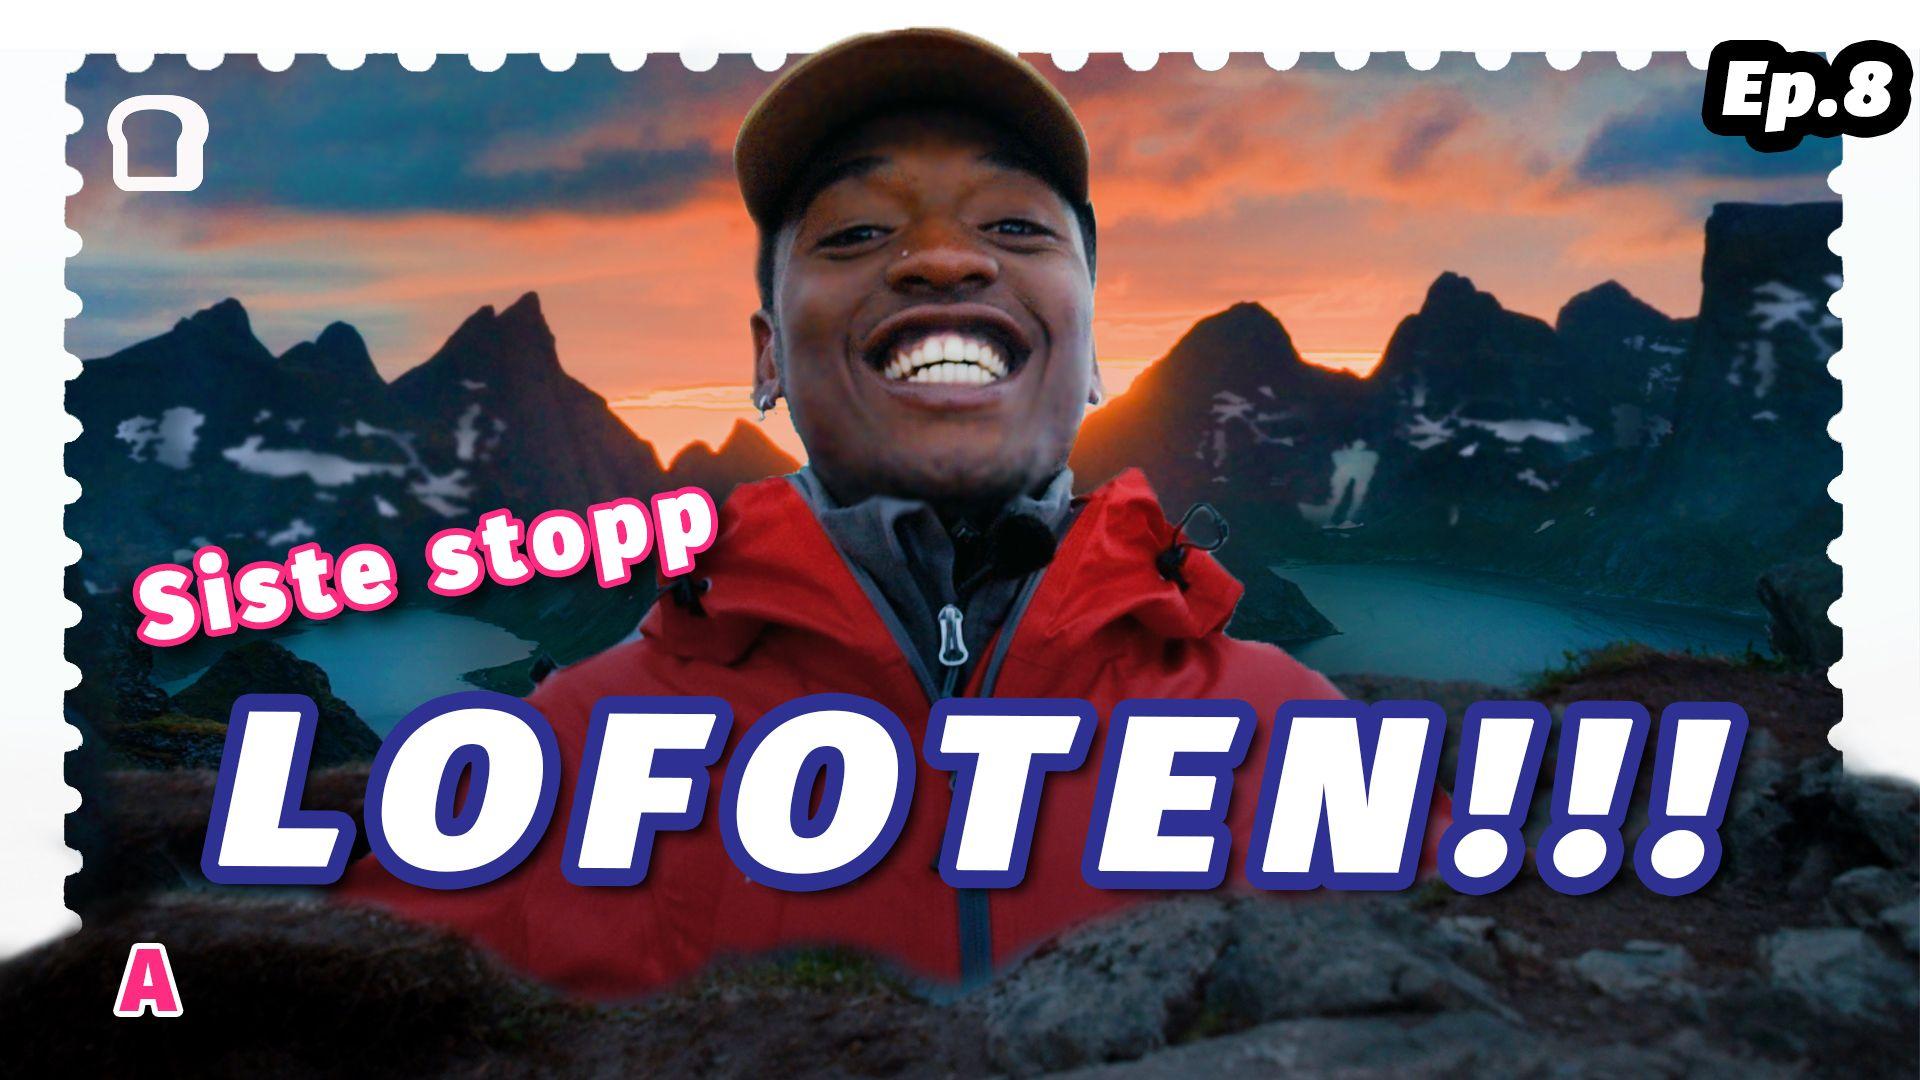 I seriens siste episode har bassene kommet seg helt til idylliske Lofoten! Her har Emil og Morten arrangert det de tenker er den perfekte avslutningen for reisen, så får vi se om Safari er enig.